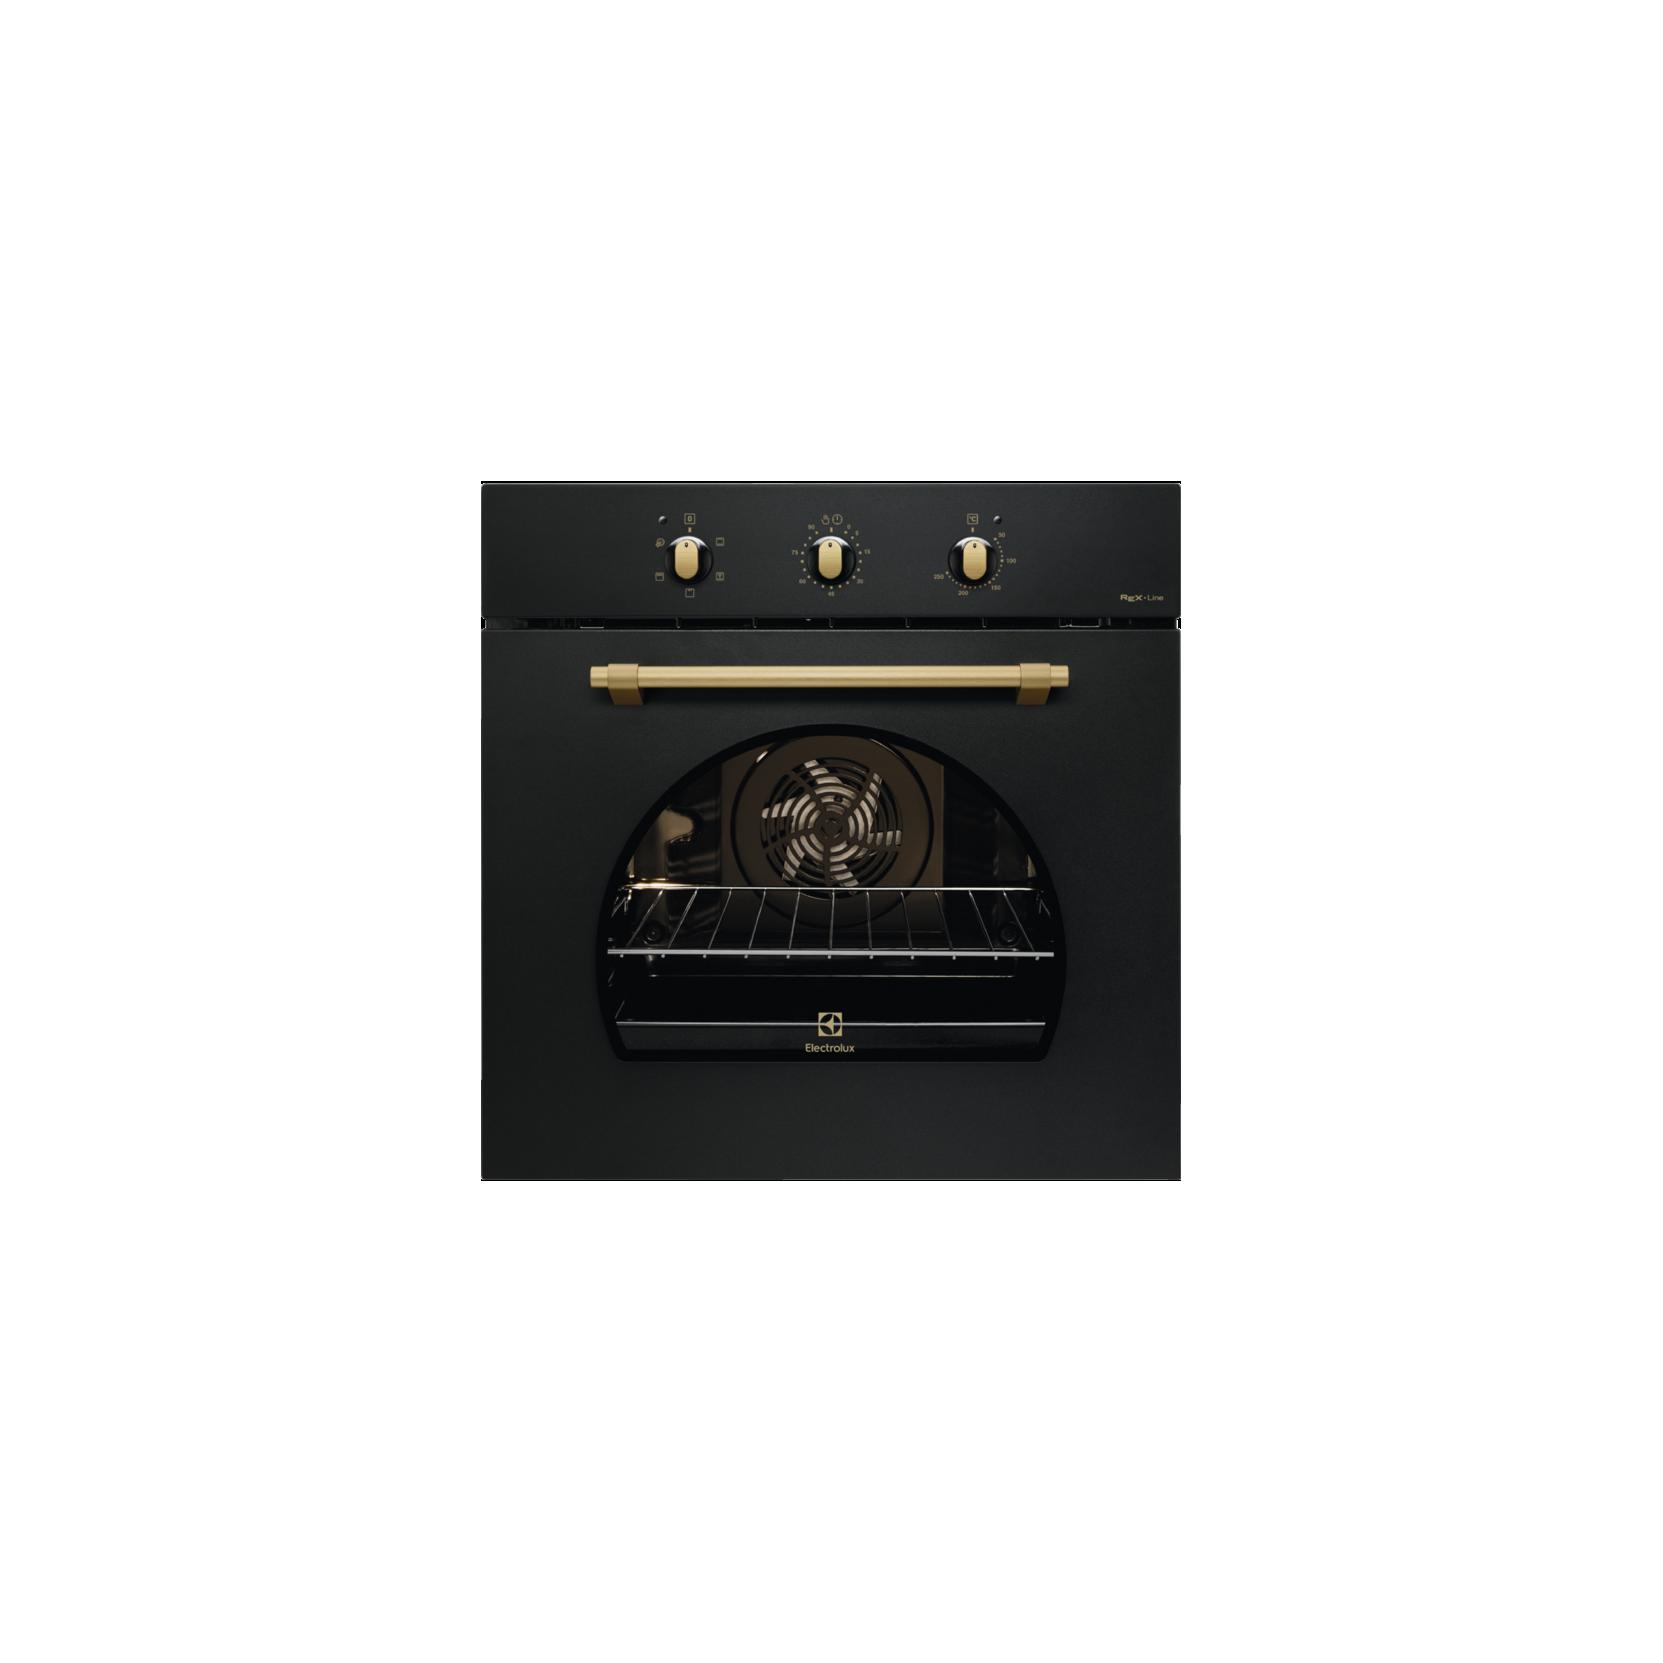 Electrolux rex fr53g forno elettrico multifunzione da incasso 70 l in ghisa nero garanzia italia - Rex forno da incasso ...